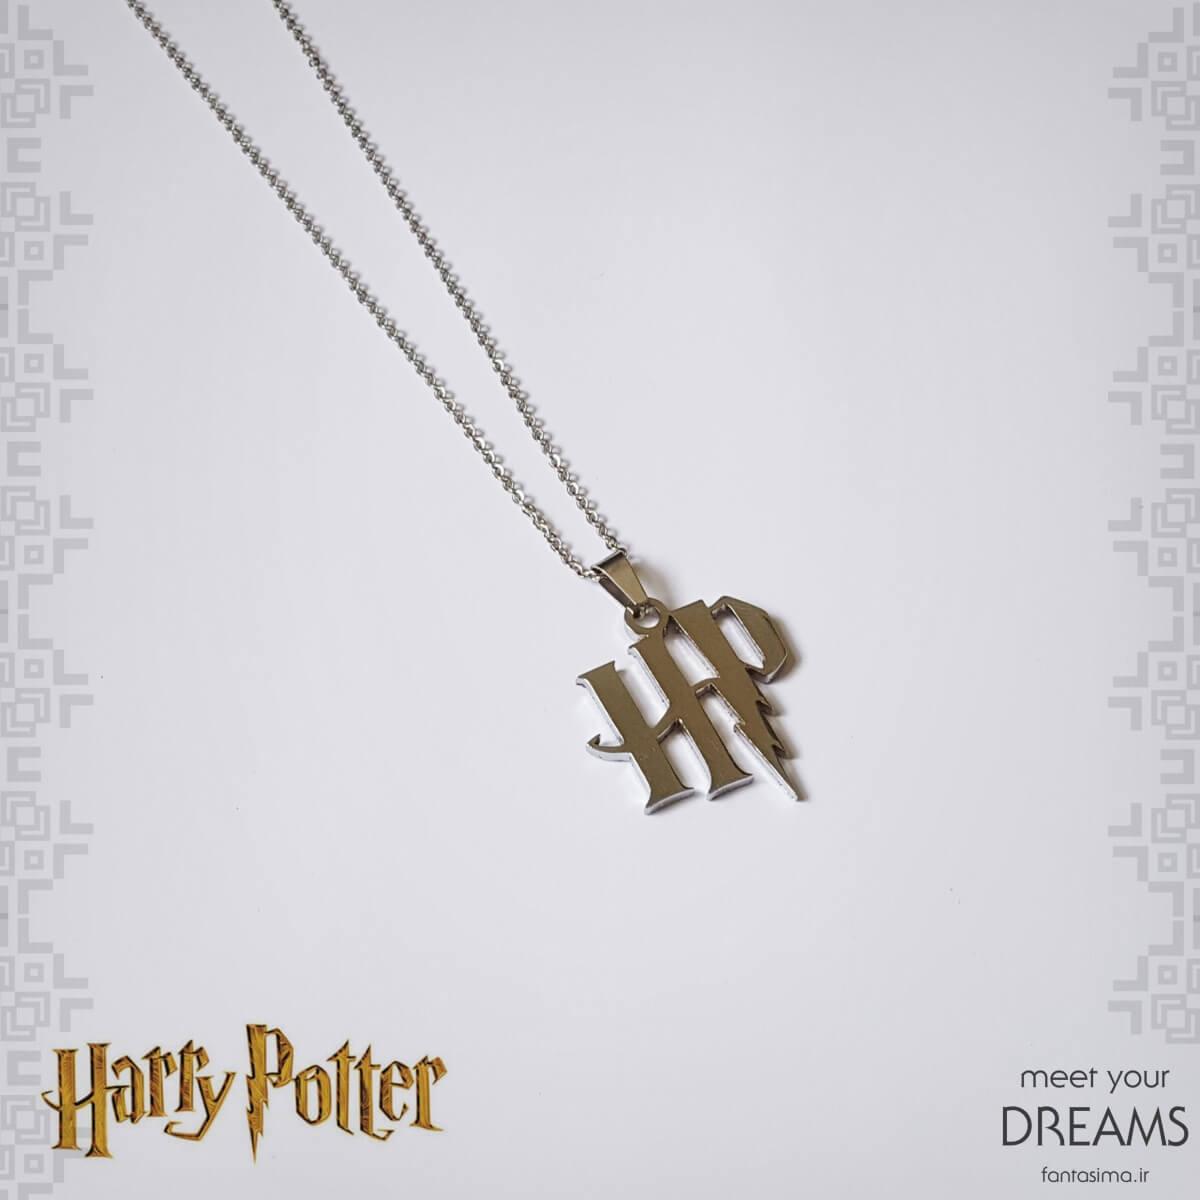 گردنبند نماد هری پاتر